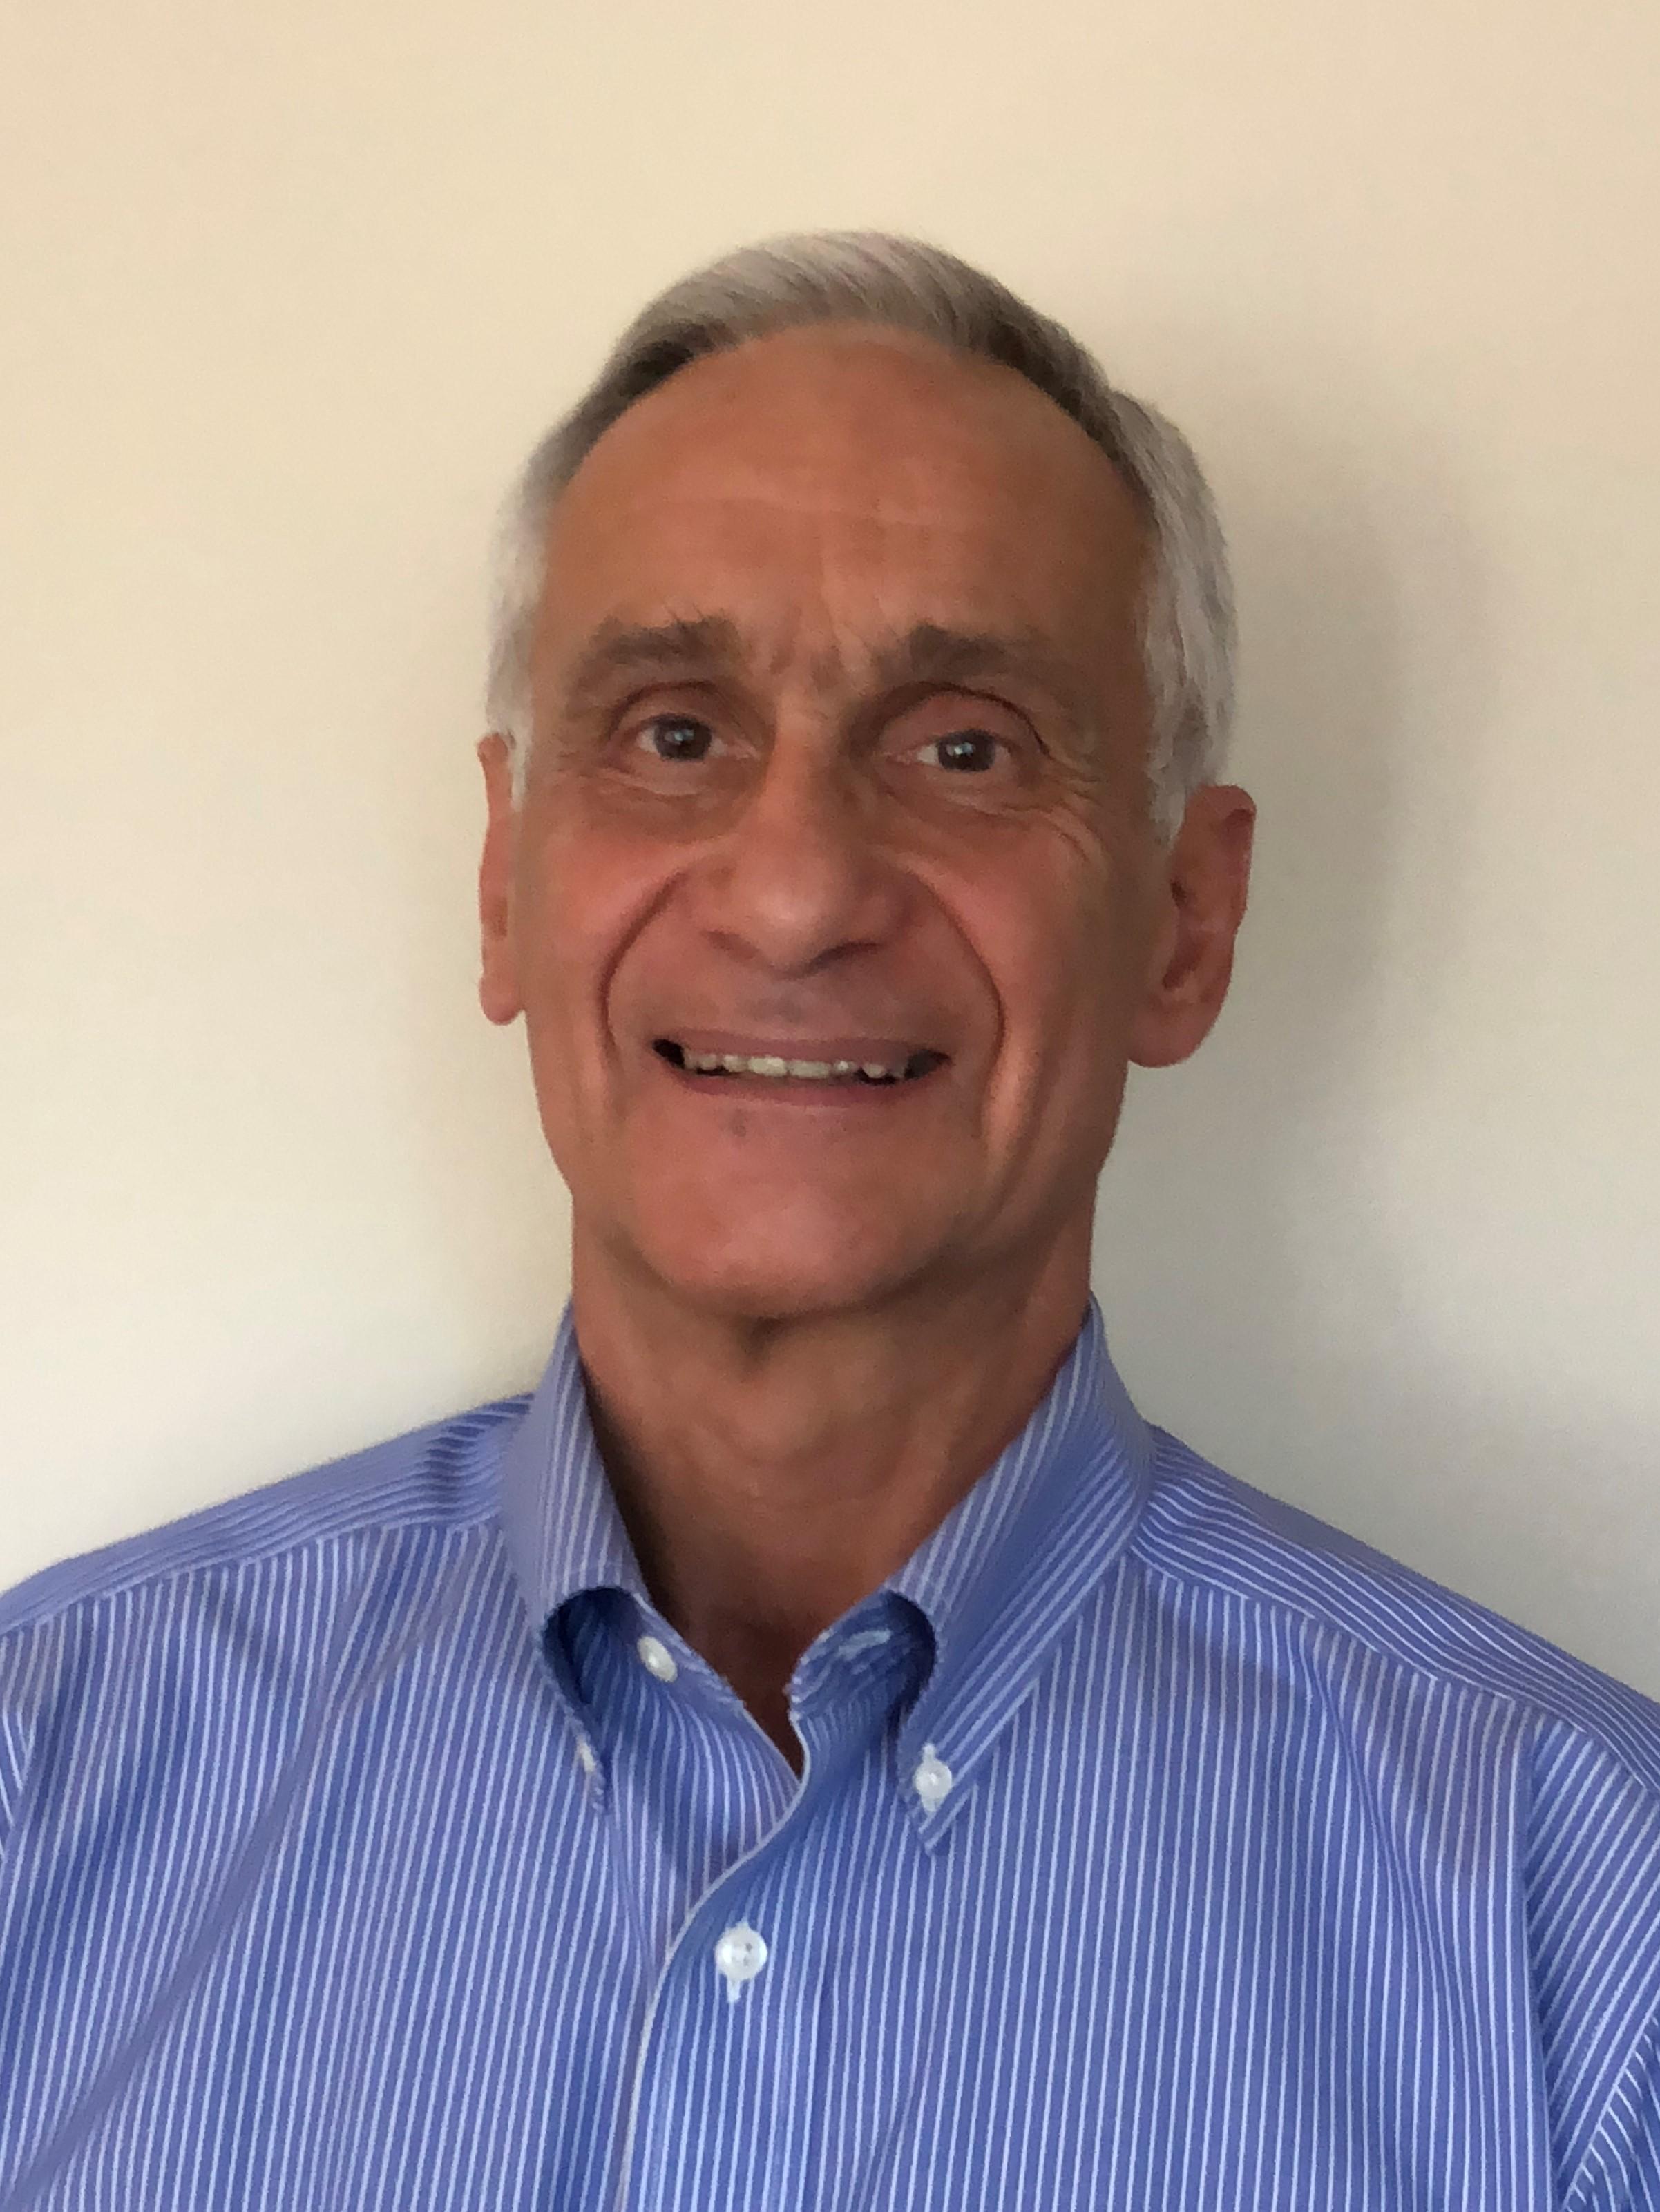 Doug Mancinelli